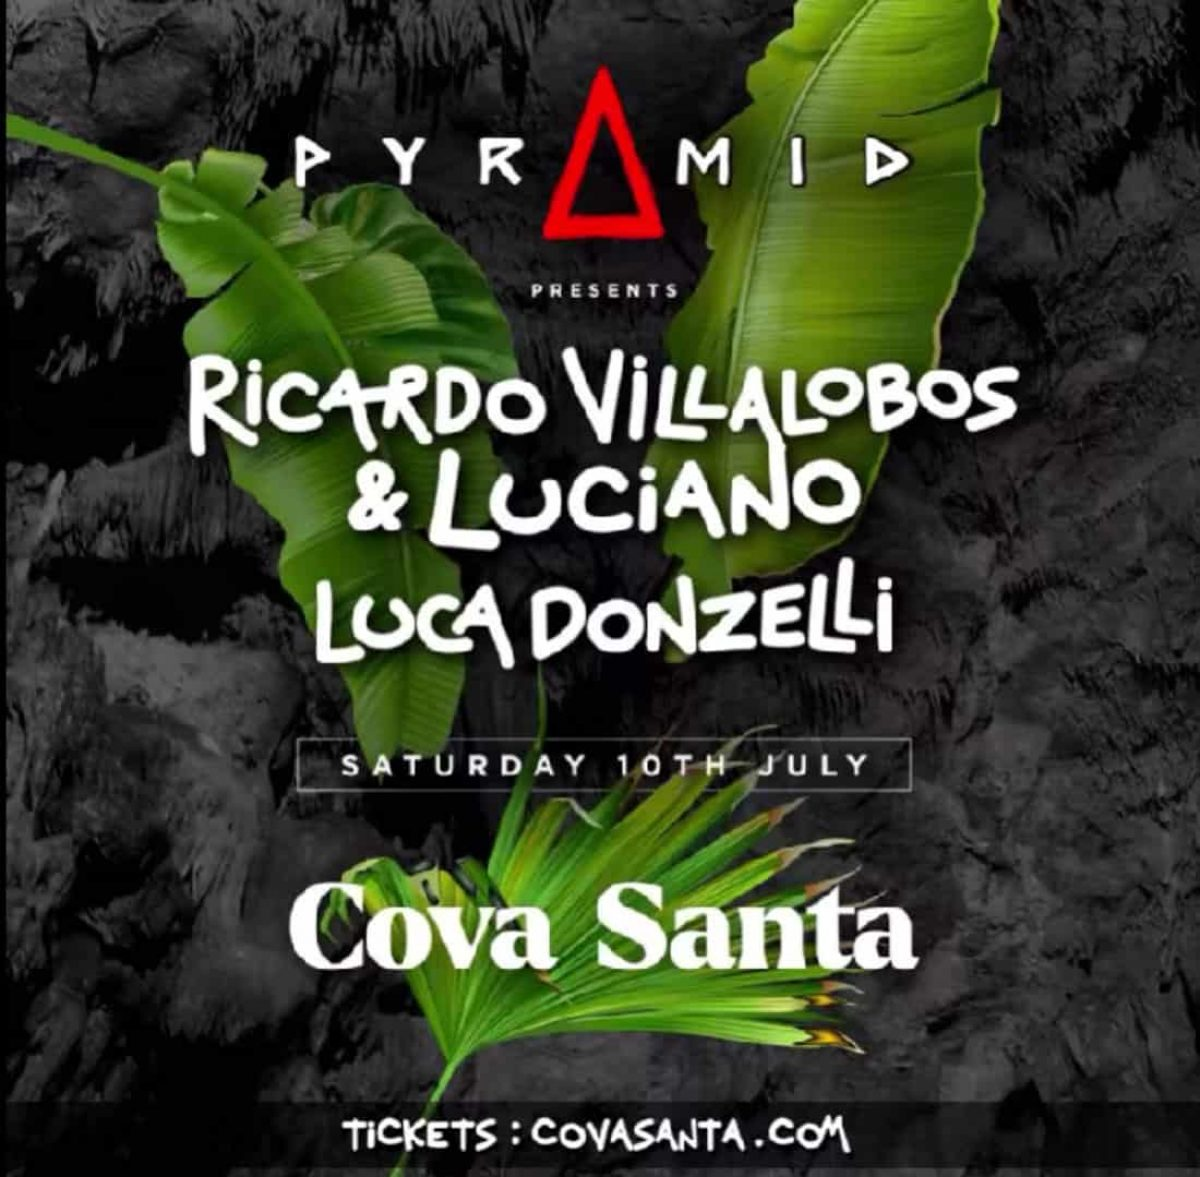 pyramid-cova-santa-ibiza-2021-welcometoibiza